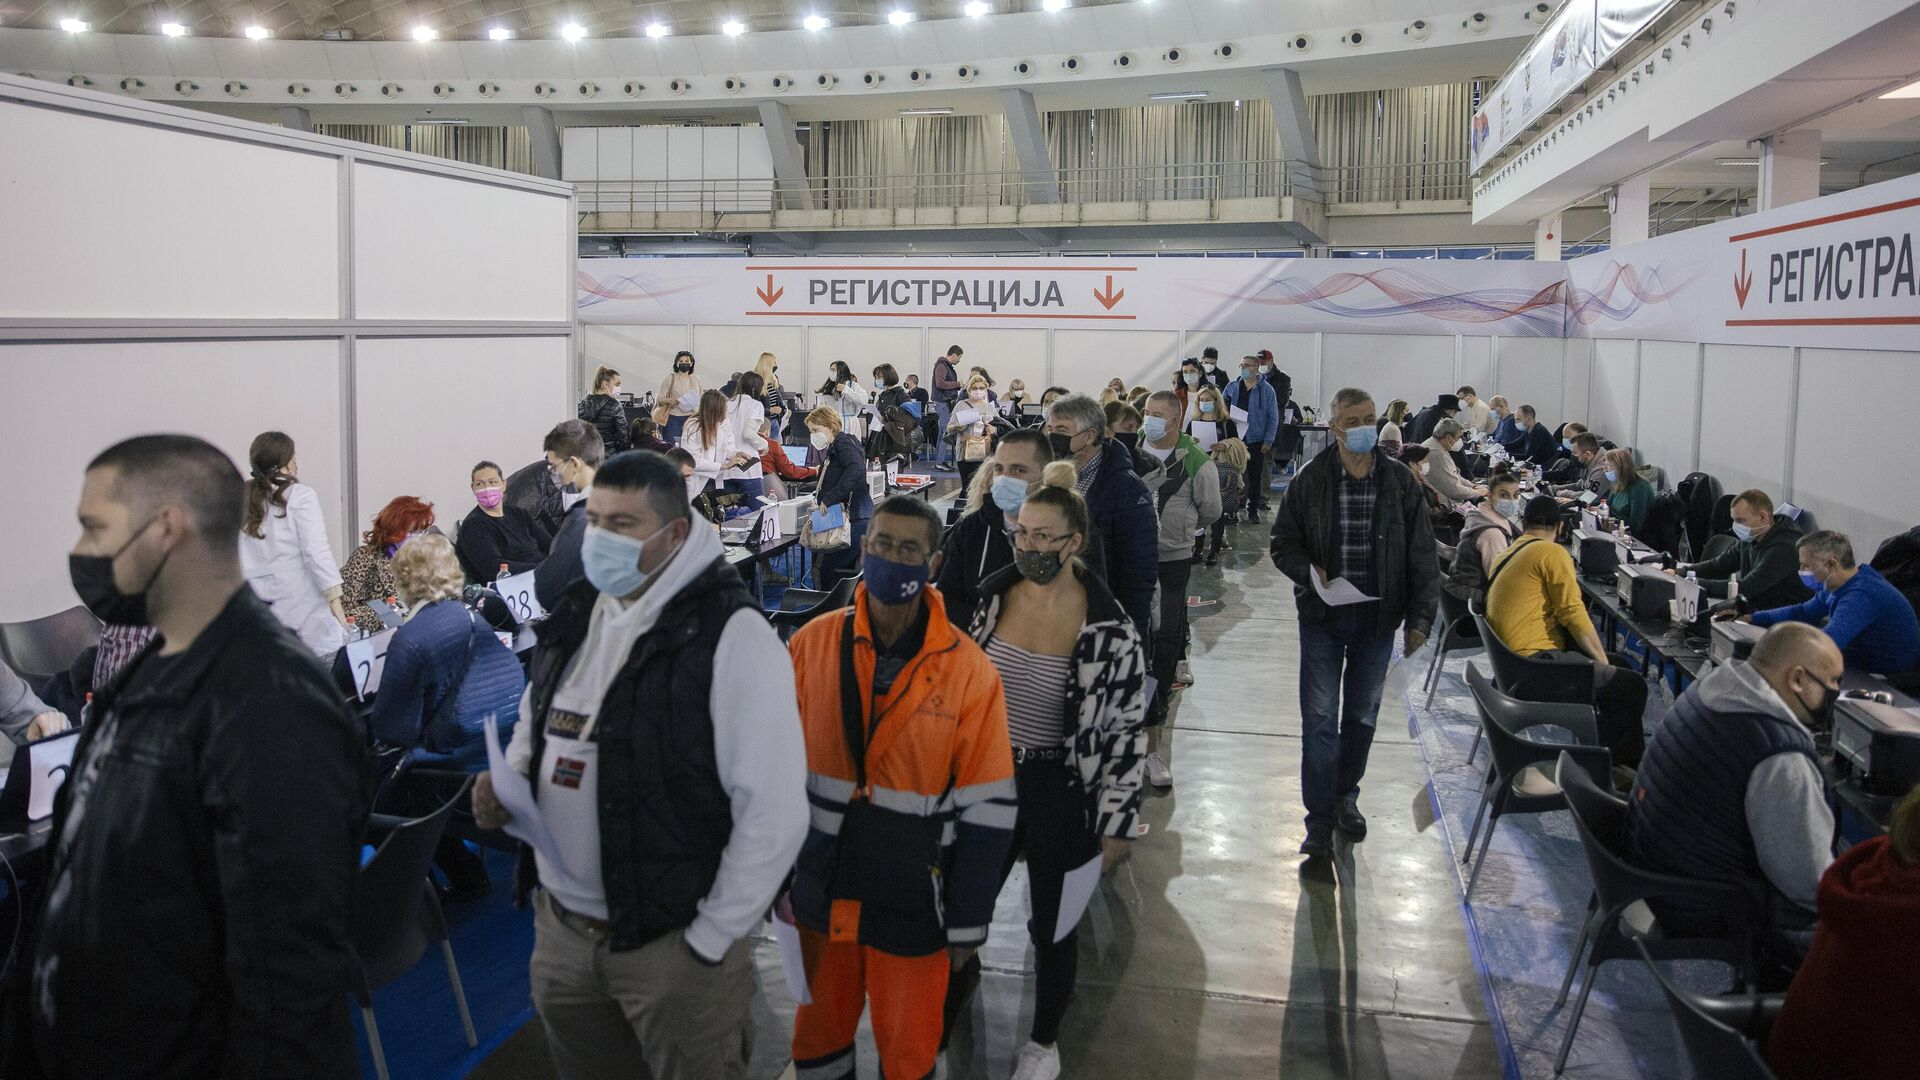 Жители Белграда во время регистрации перед вакцинацией от COVID-19 российским препаратом Sputnik V - РИА Новости, 1920, 22.09.2021